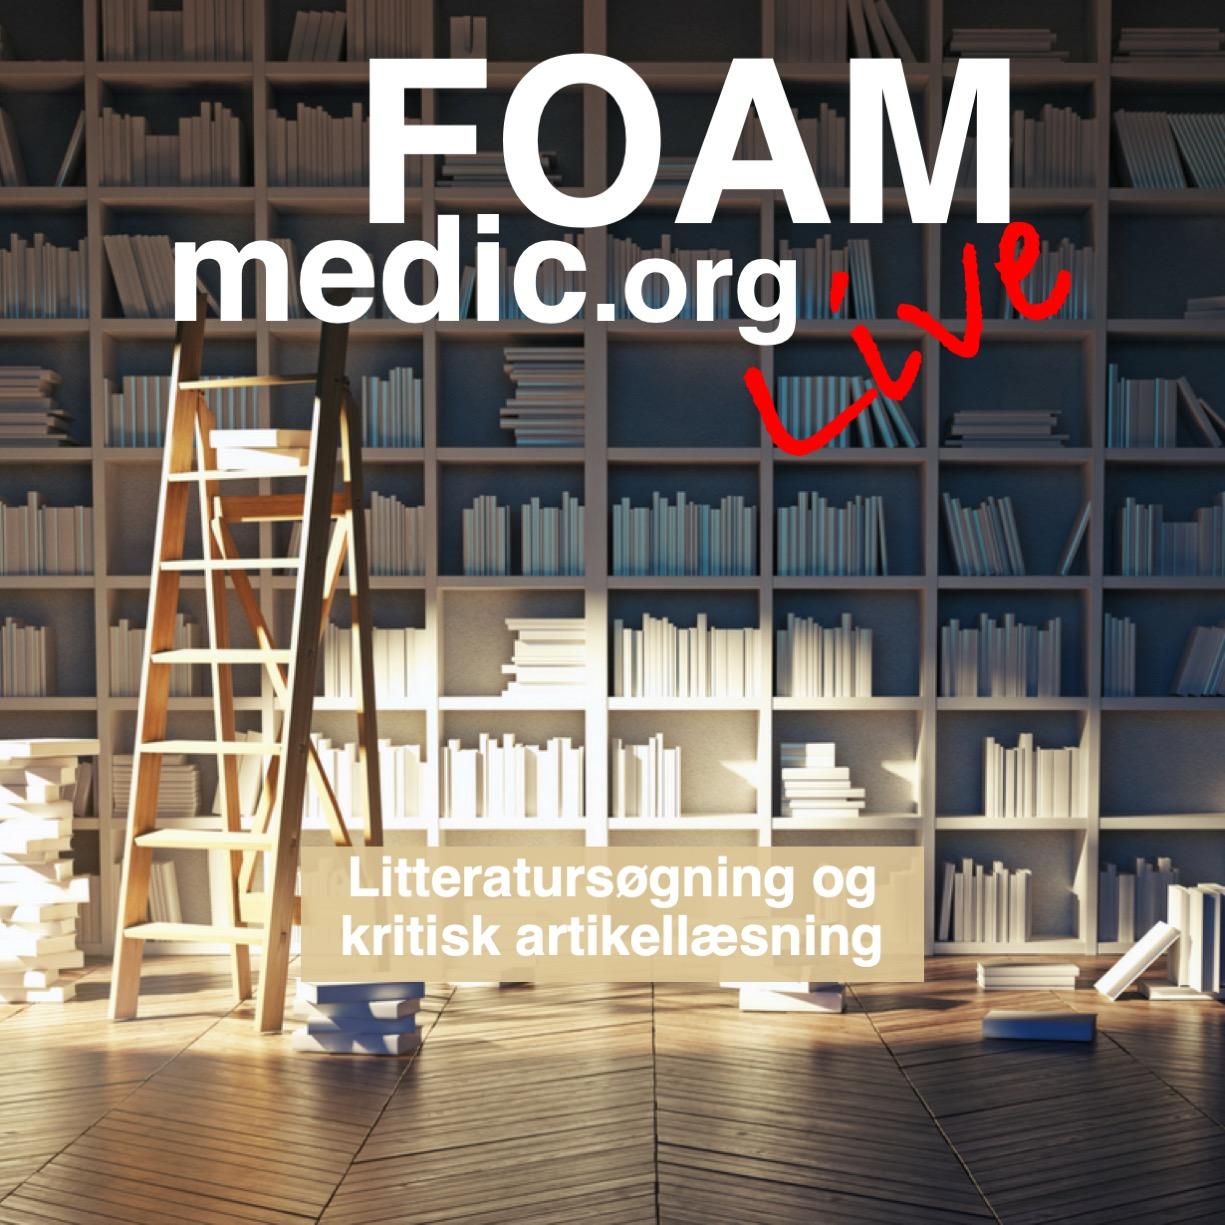 Litteratursøgning og kritisk artikellæsning